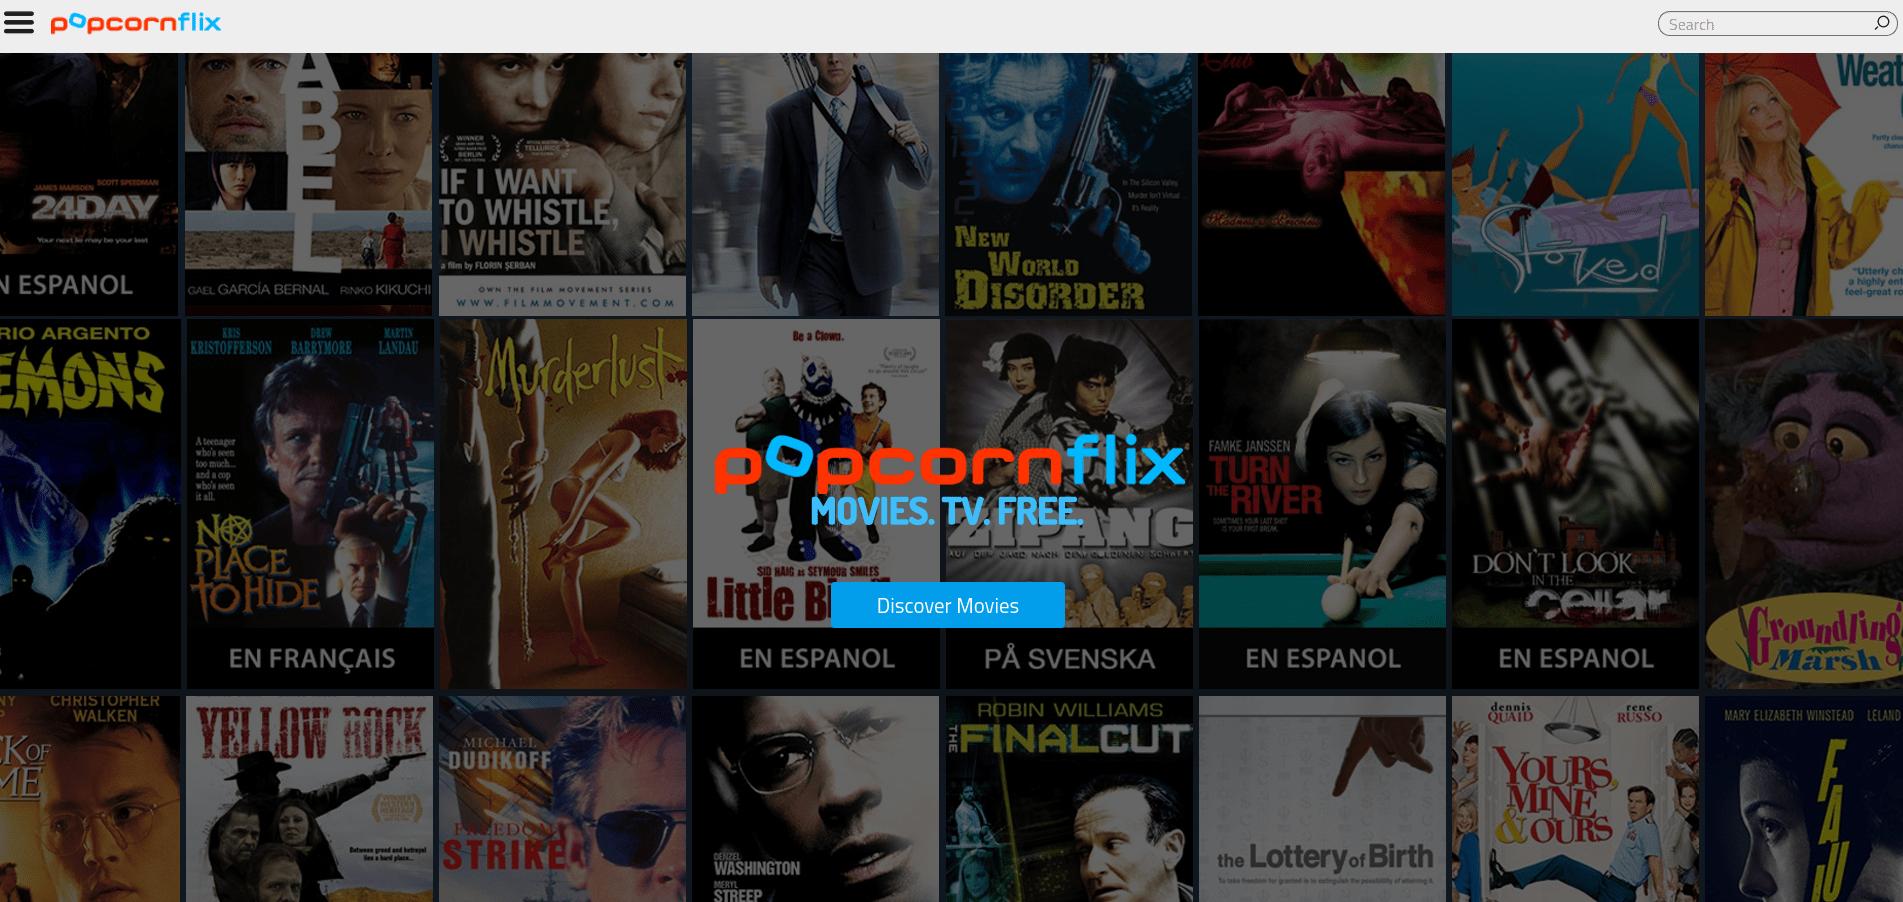 Обзор Popcornflix: все, что нужно знать о бесплатном потоковом сервисе